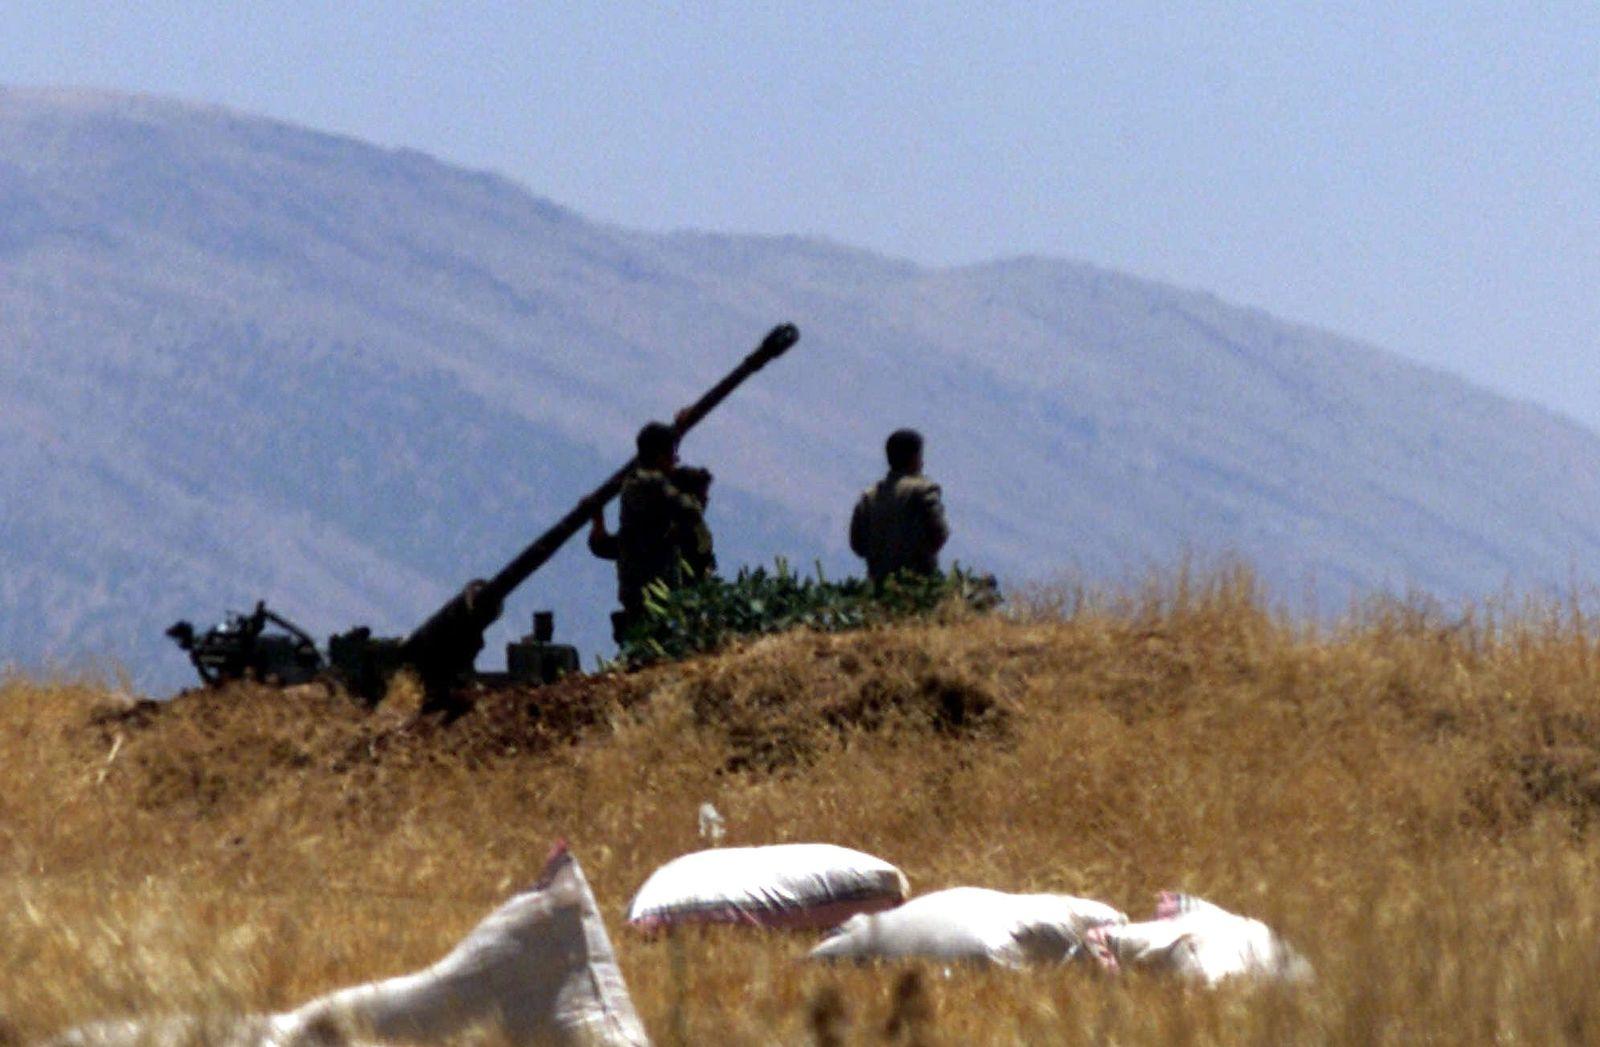 syrien lebanon grenze geschütz